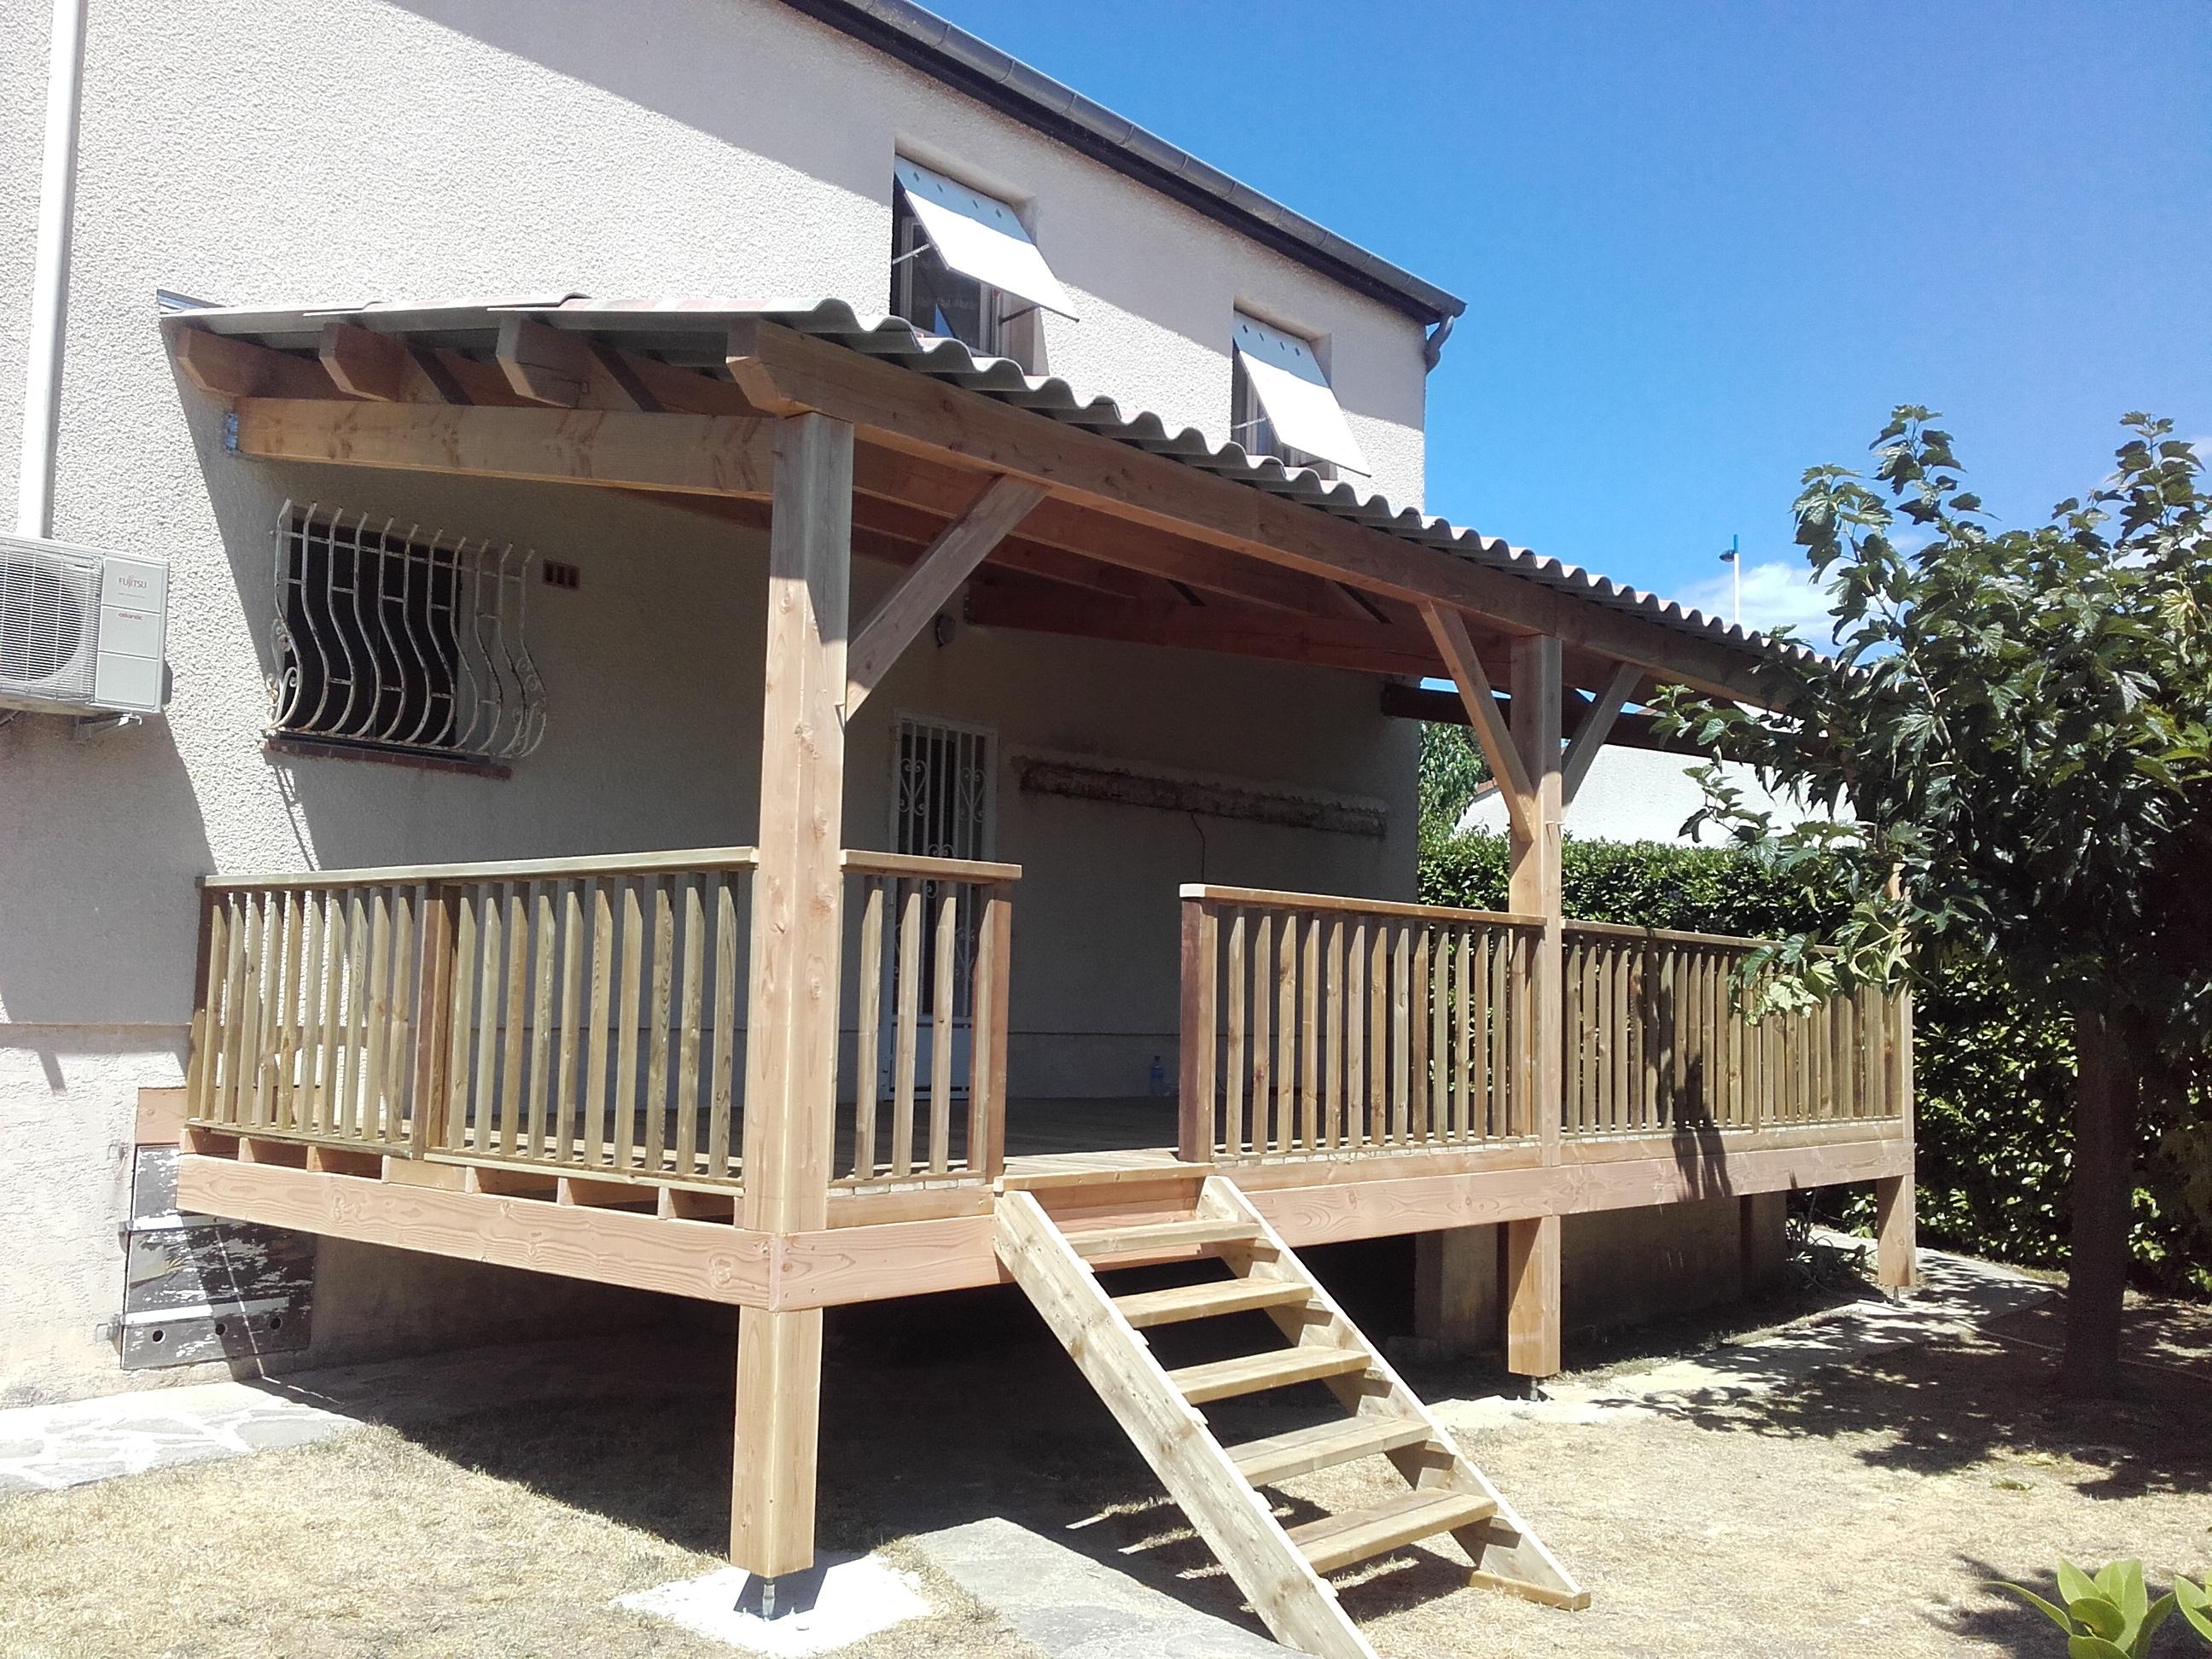 Auvent Et Terrasse Bois - Boiseco Construction - Maisons A ... pour Auvent Bois Terrasse